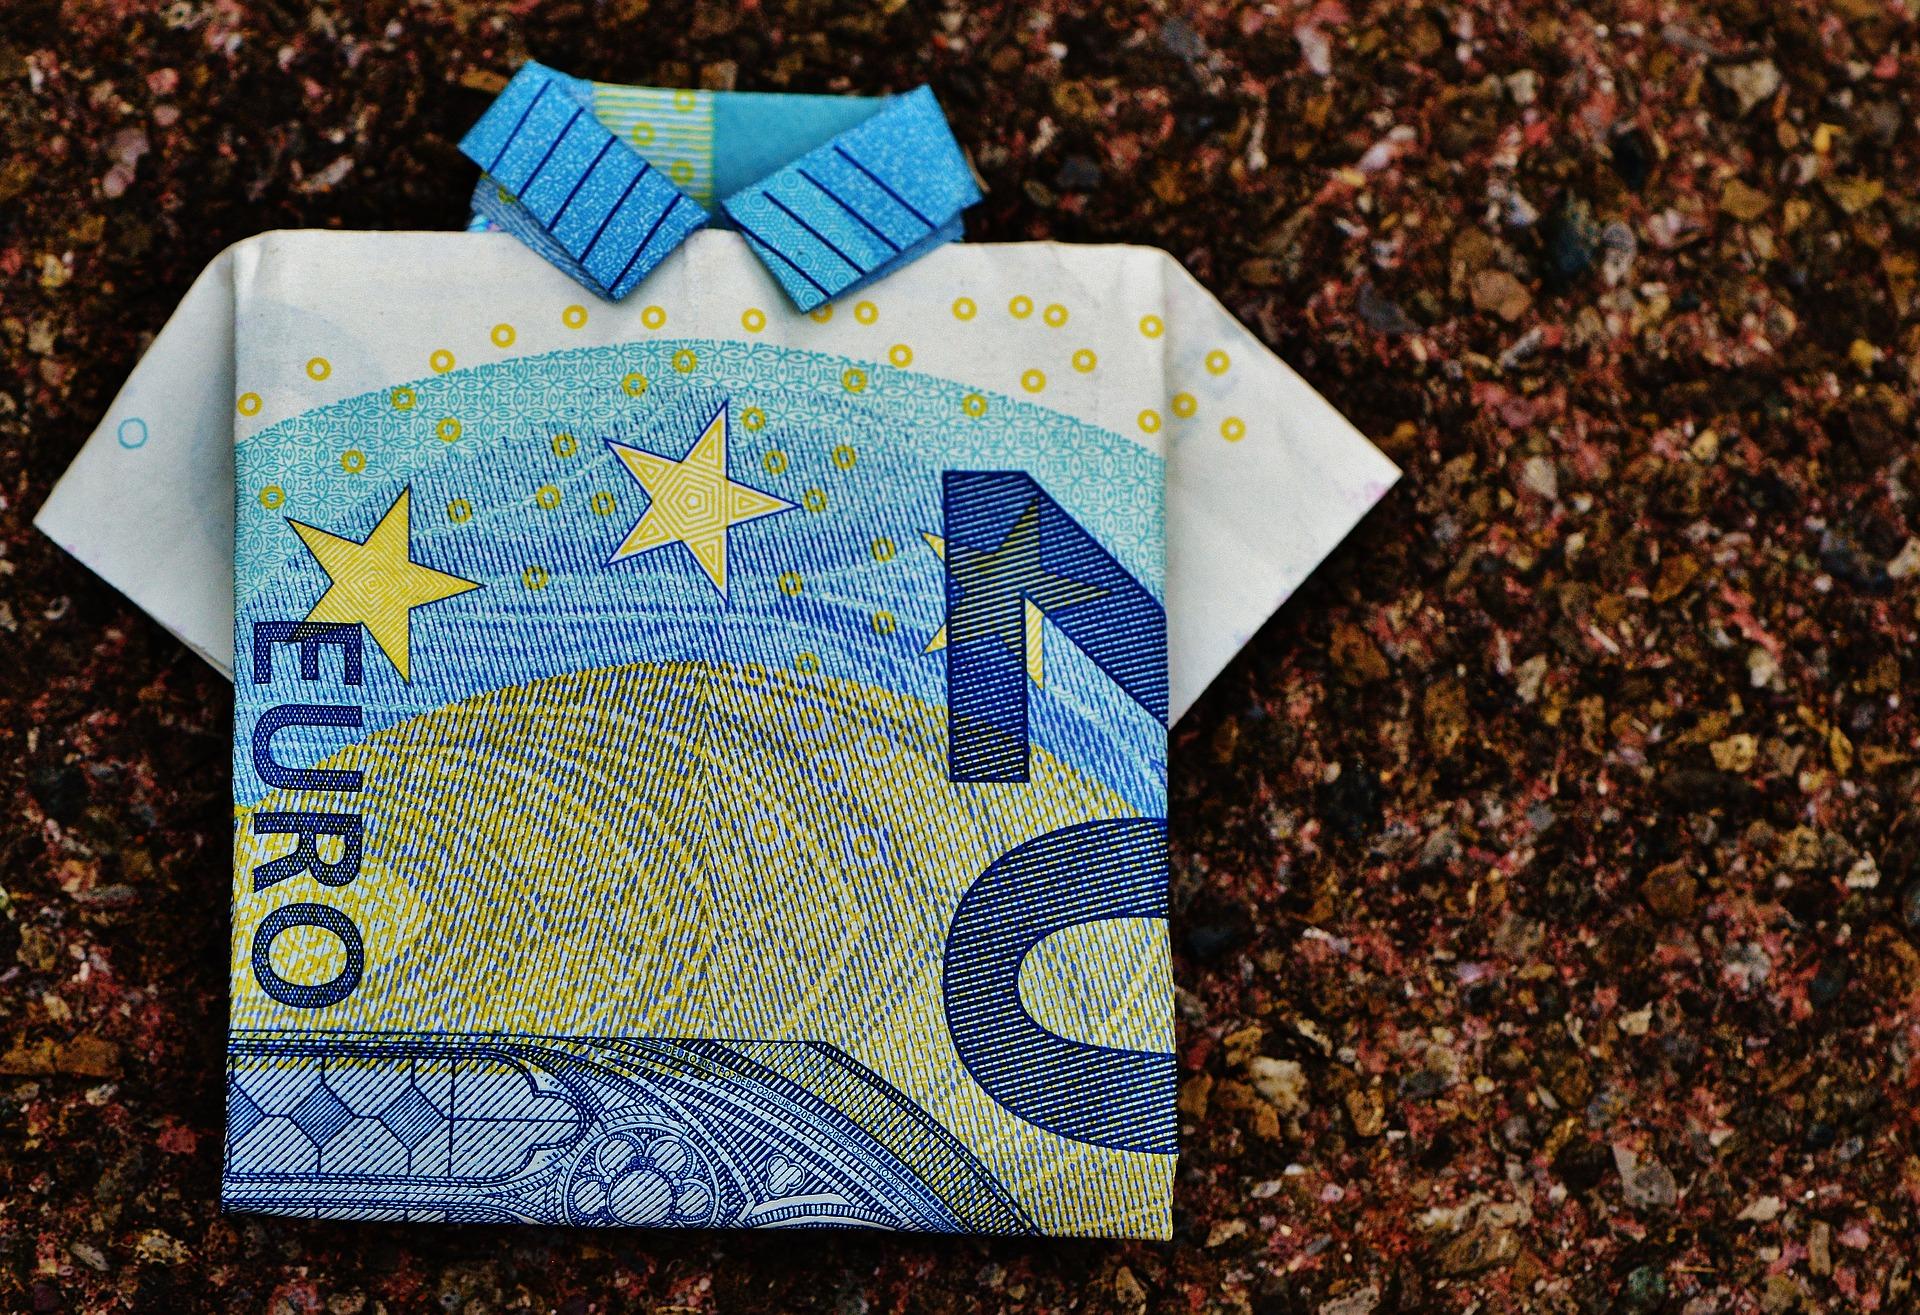 Einen Onlinevideokurs erstellen, gefaltetet 20 Euro